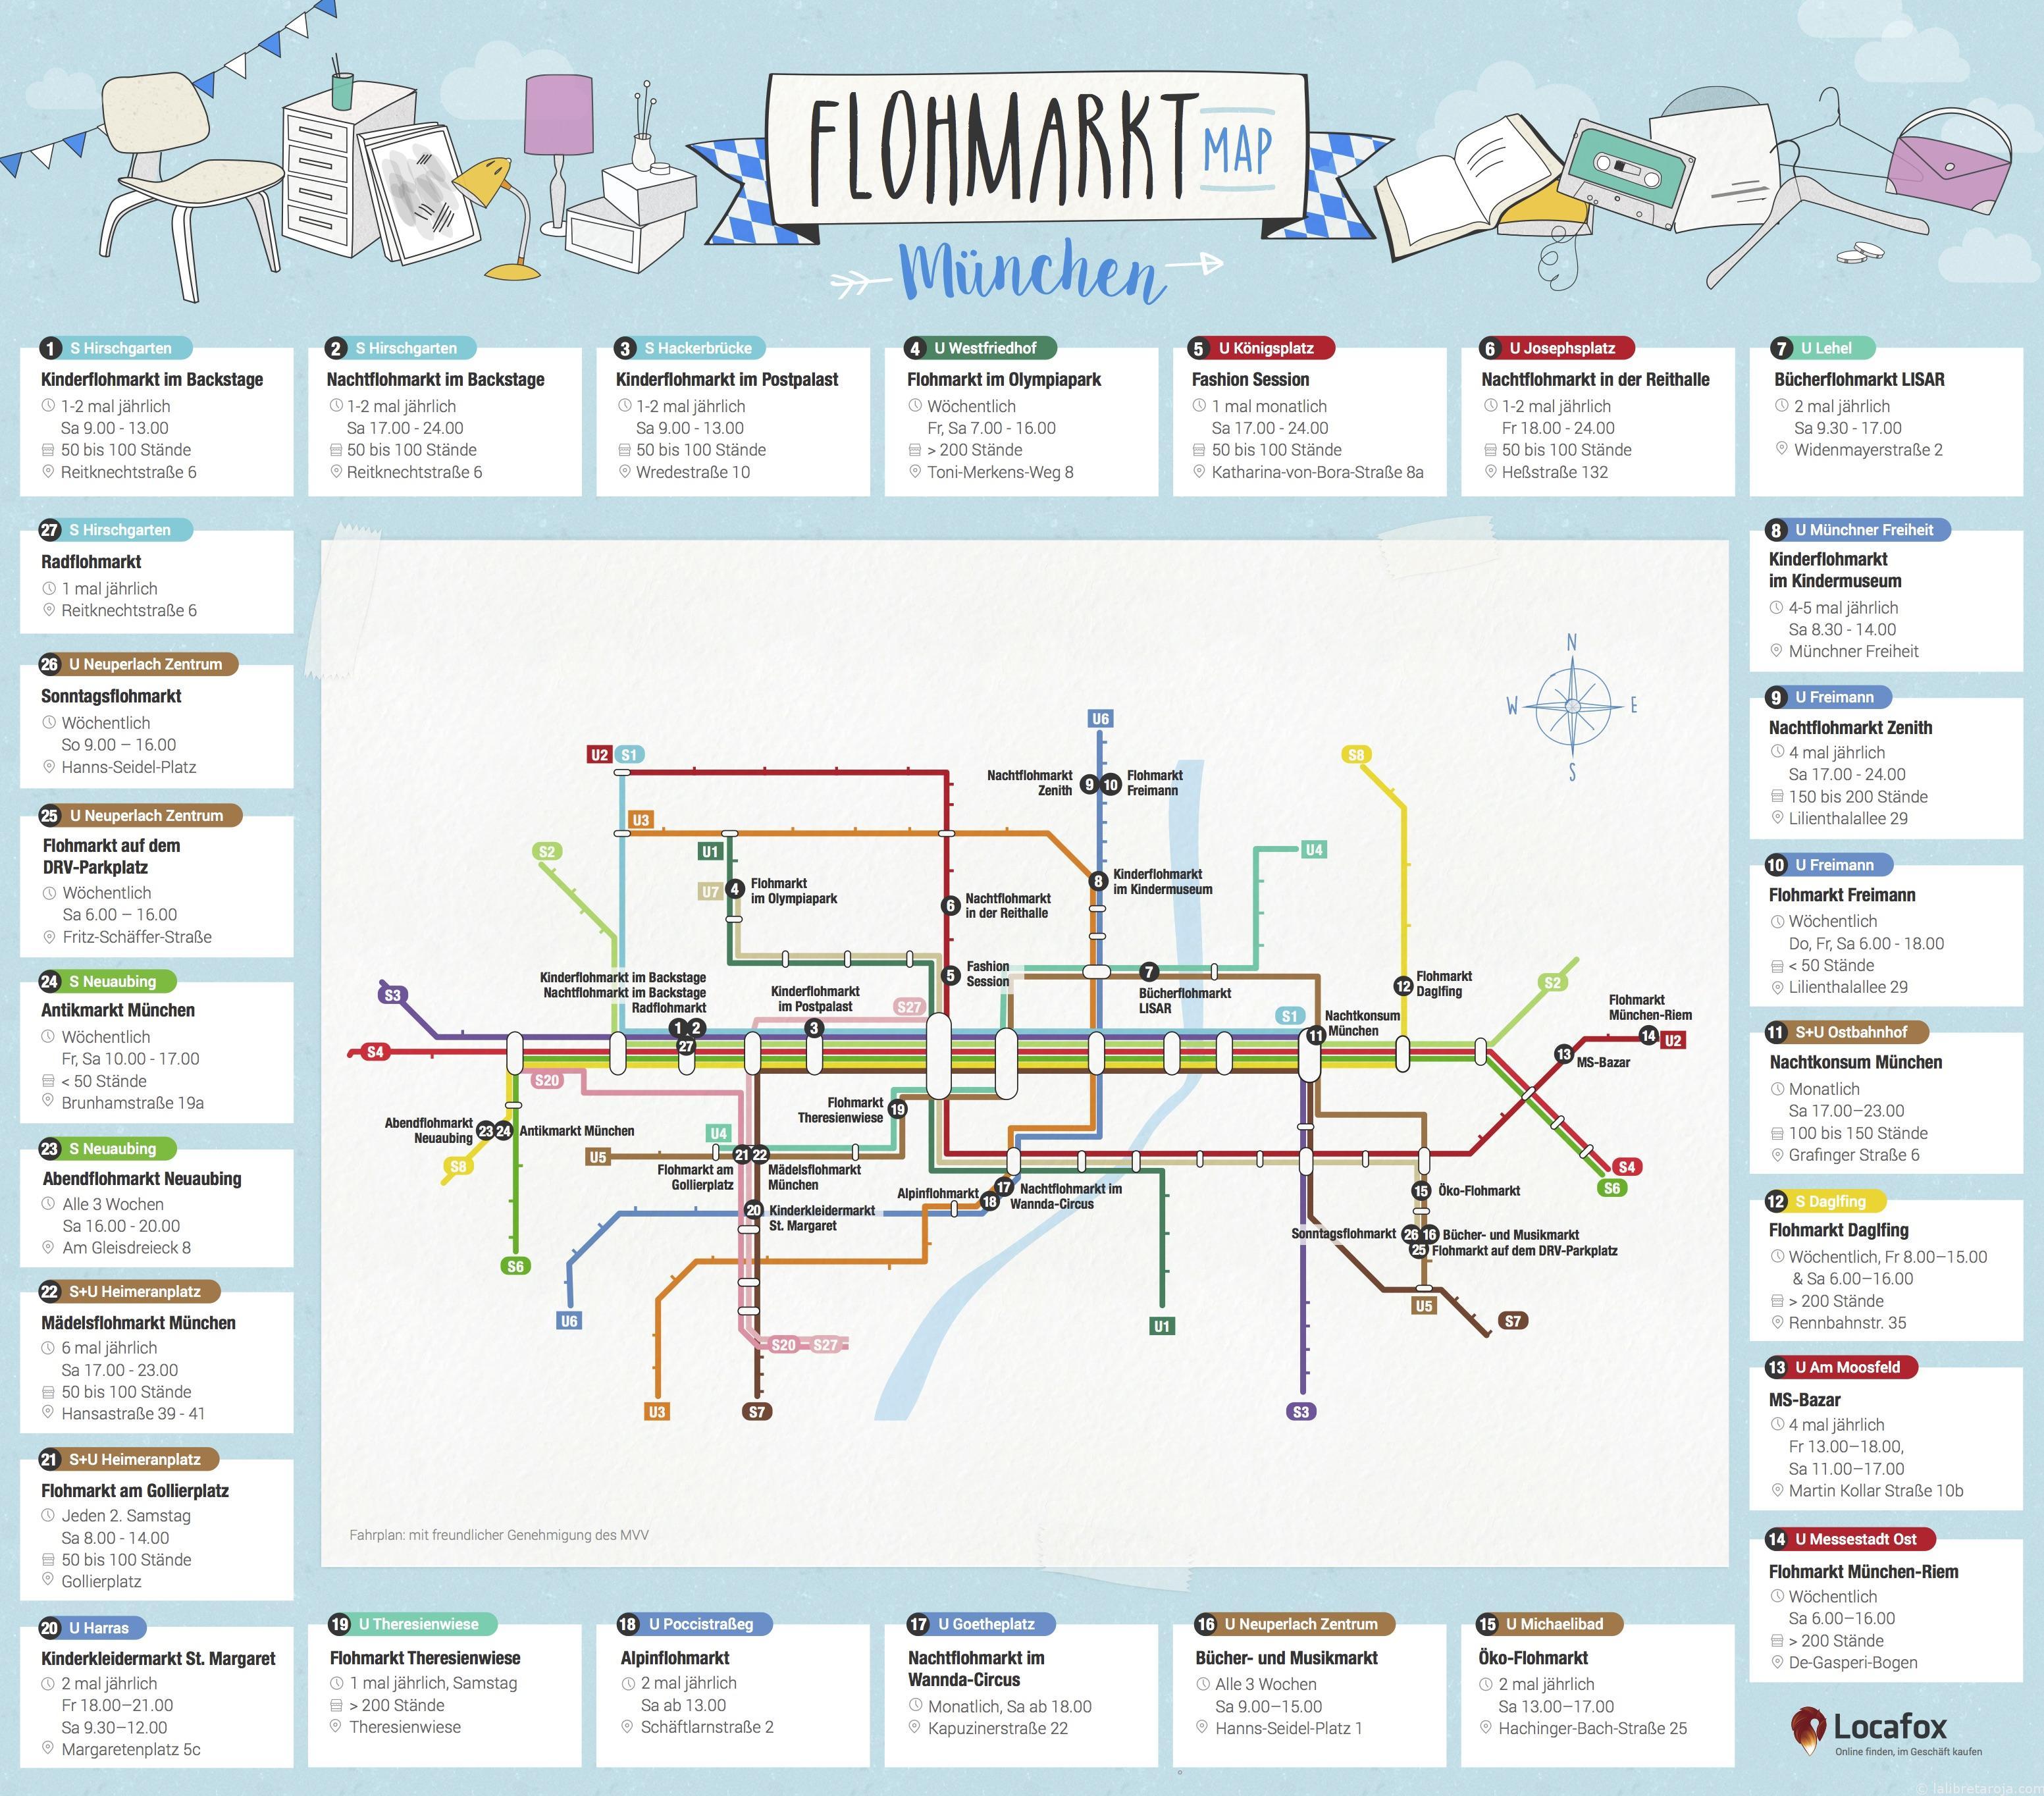 flohmarkt-map-muenchen